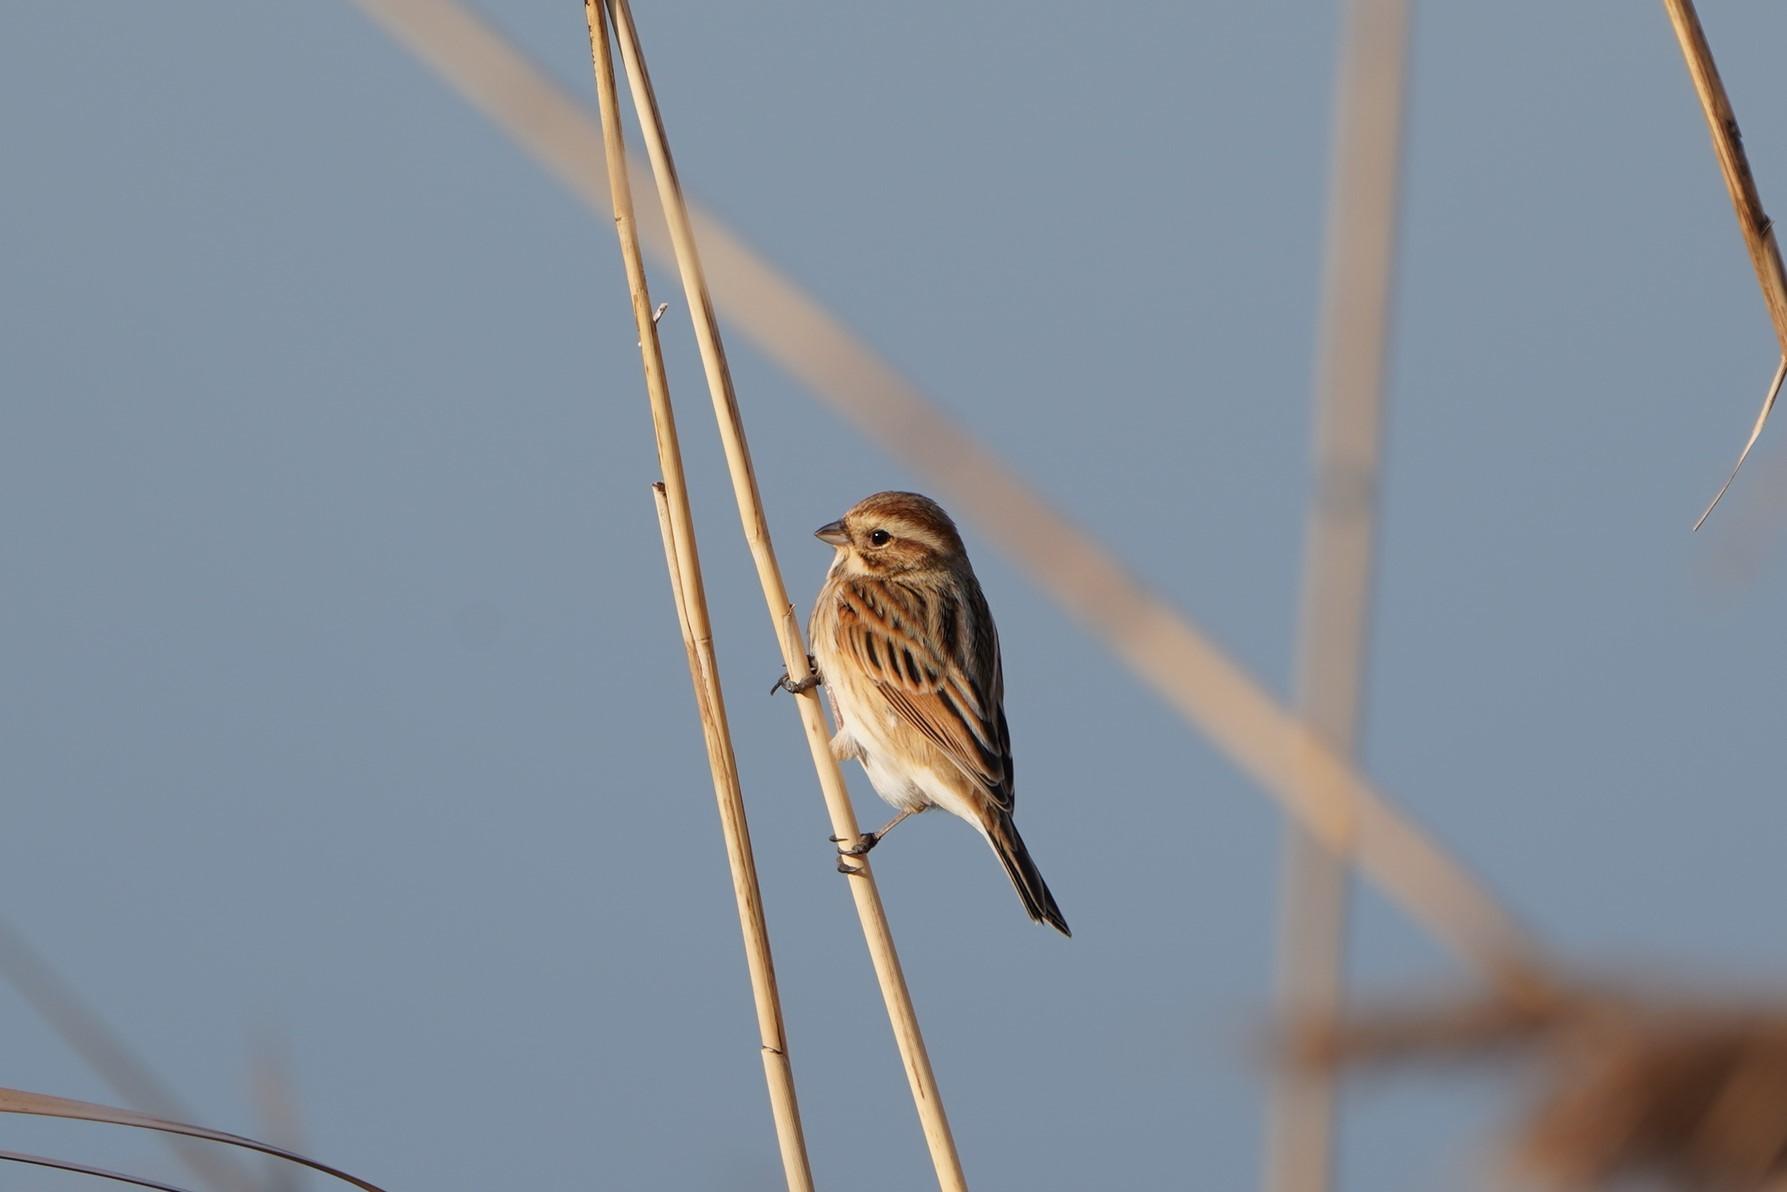 アオジが観察しやすくなりました。★先週末の鳥類園(2021.1.16~17)_e0046474_18124550.jpg